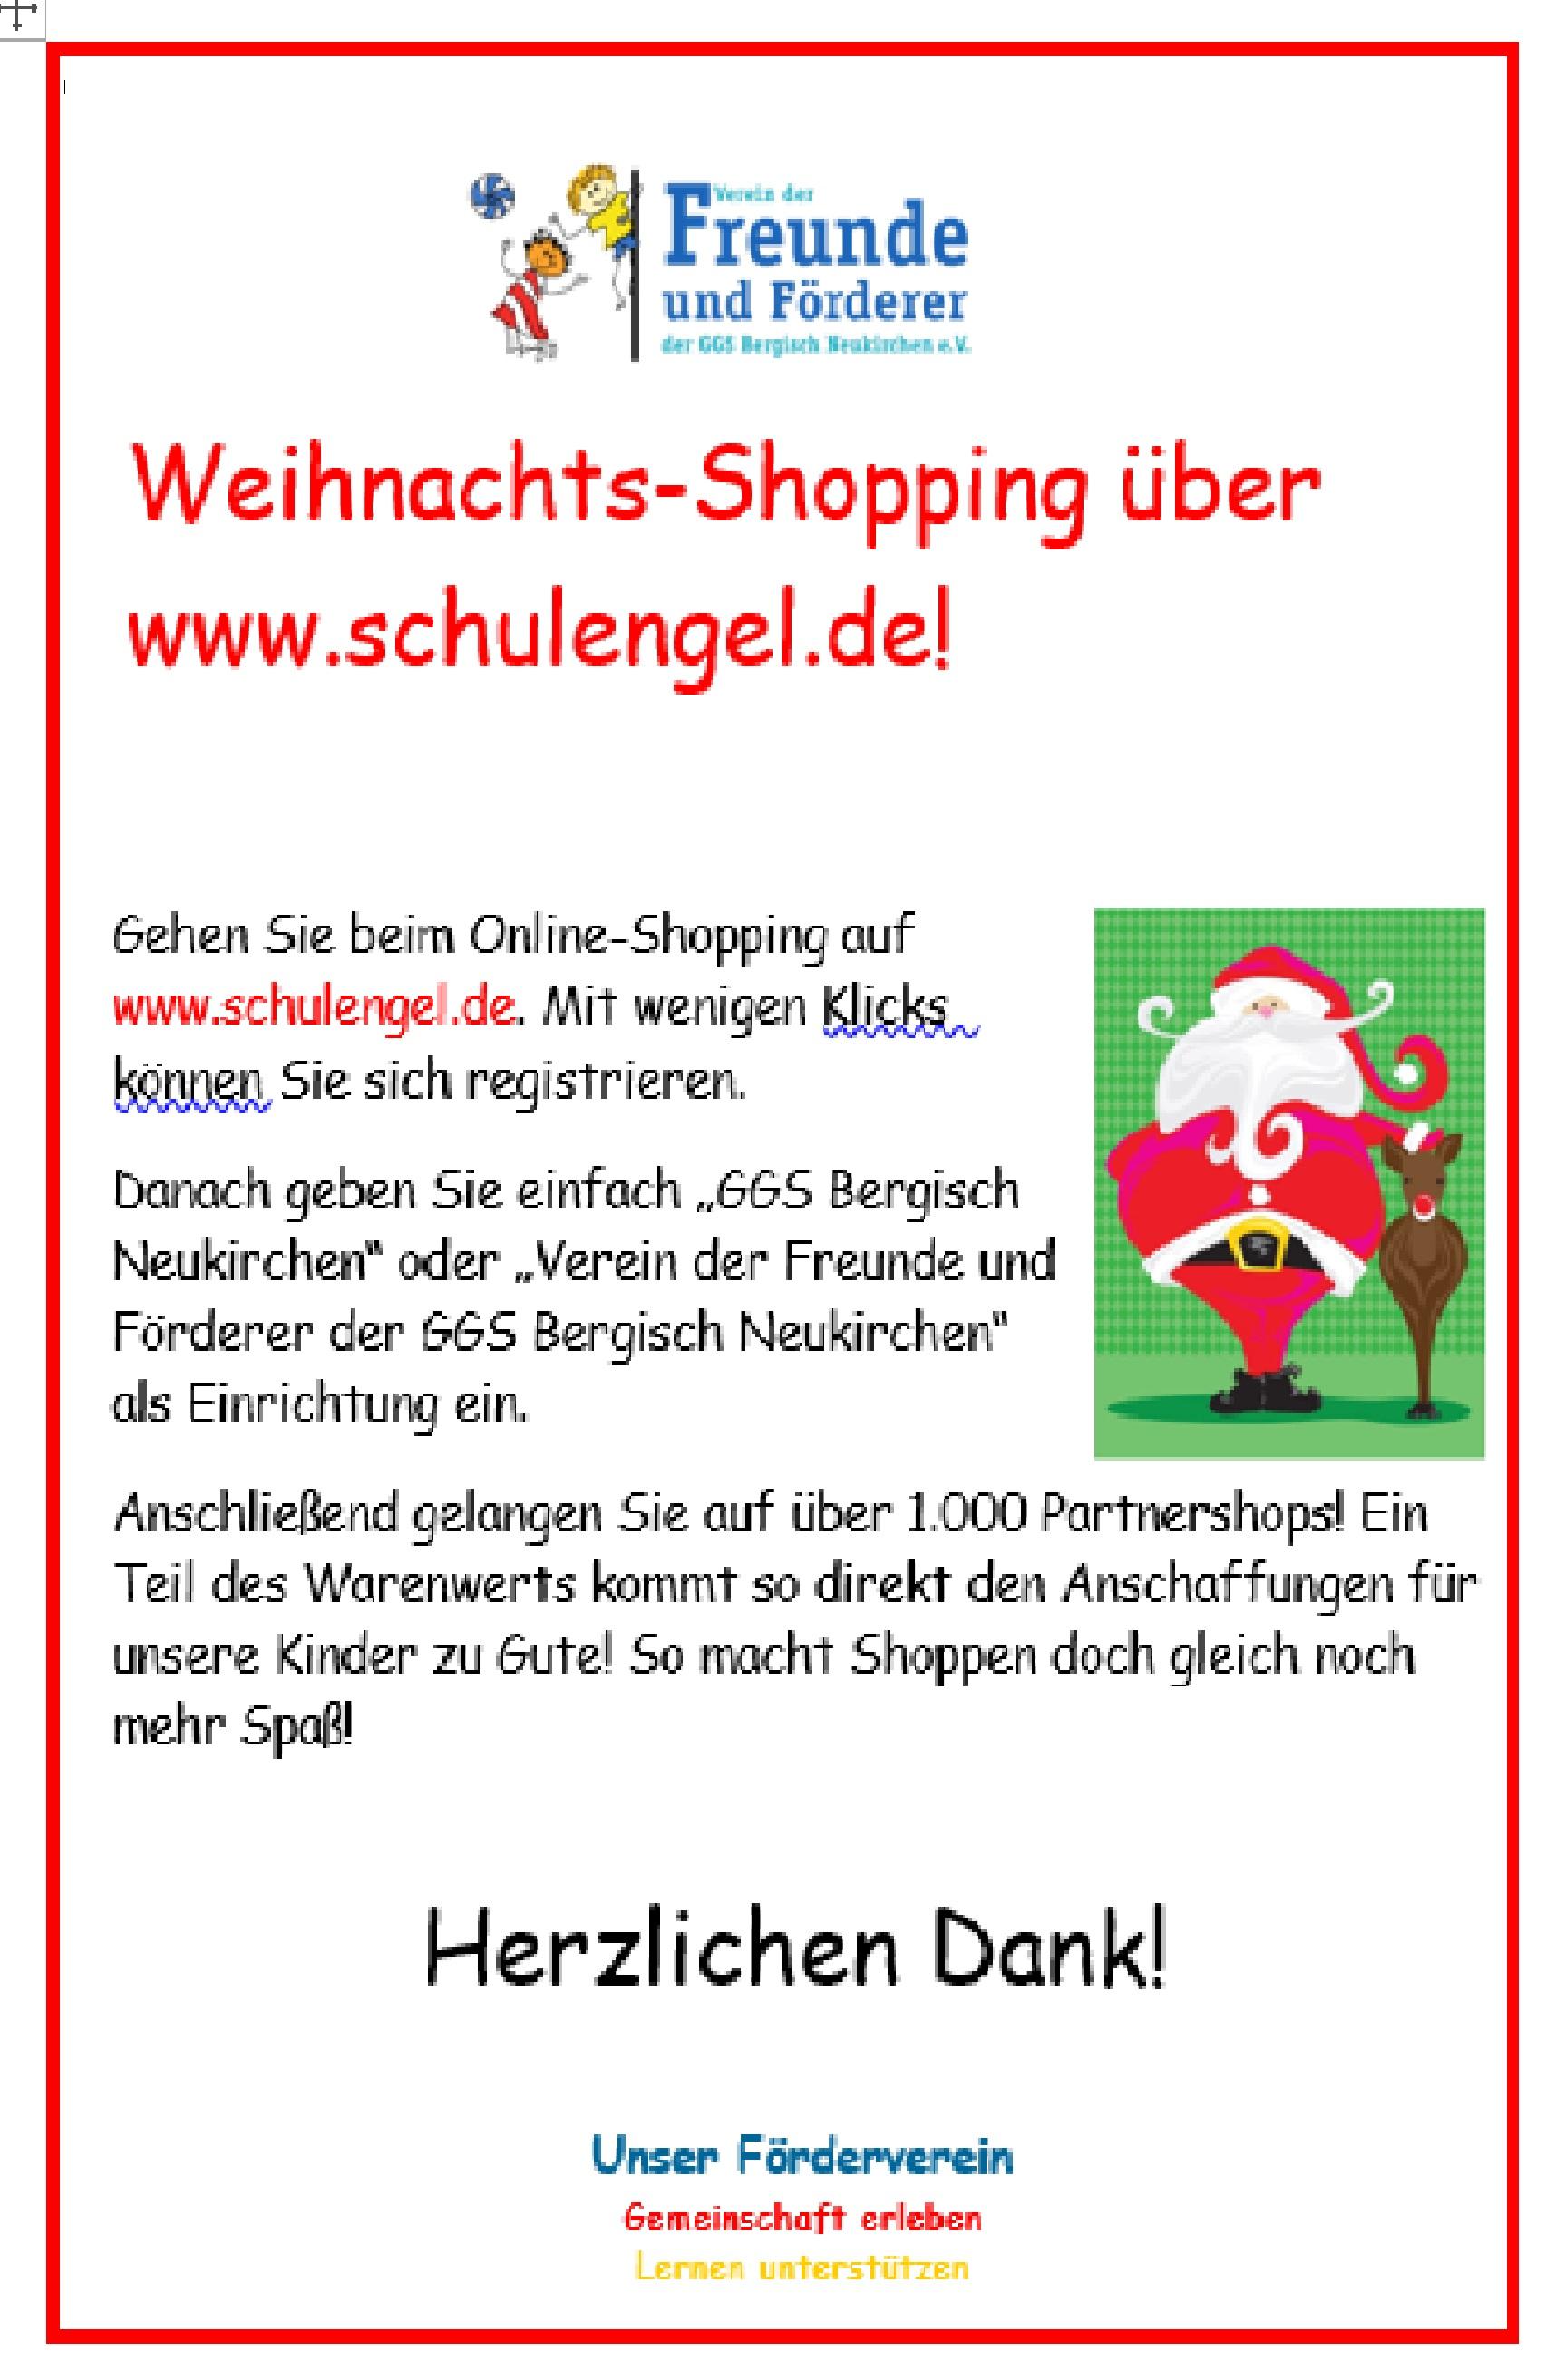 Gutes tun beim Online-Shopping